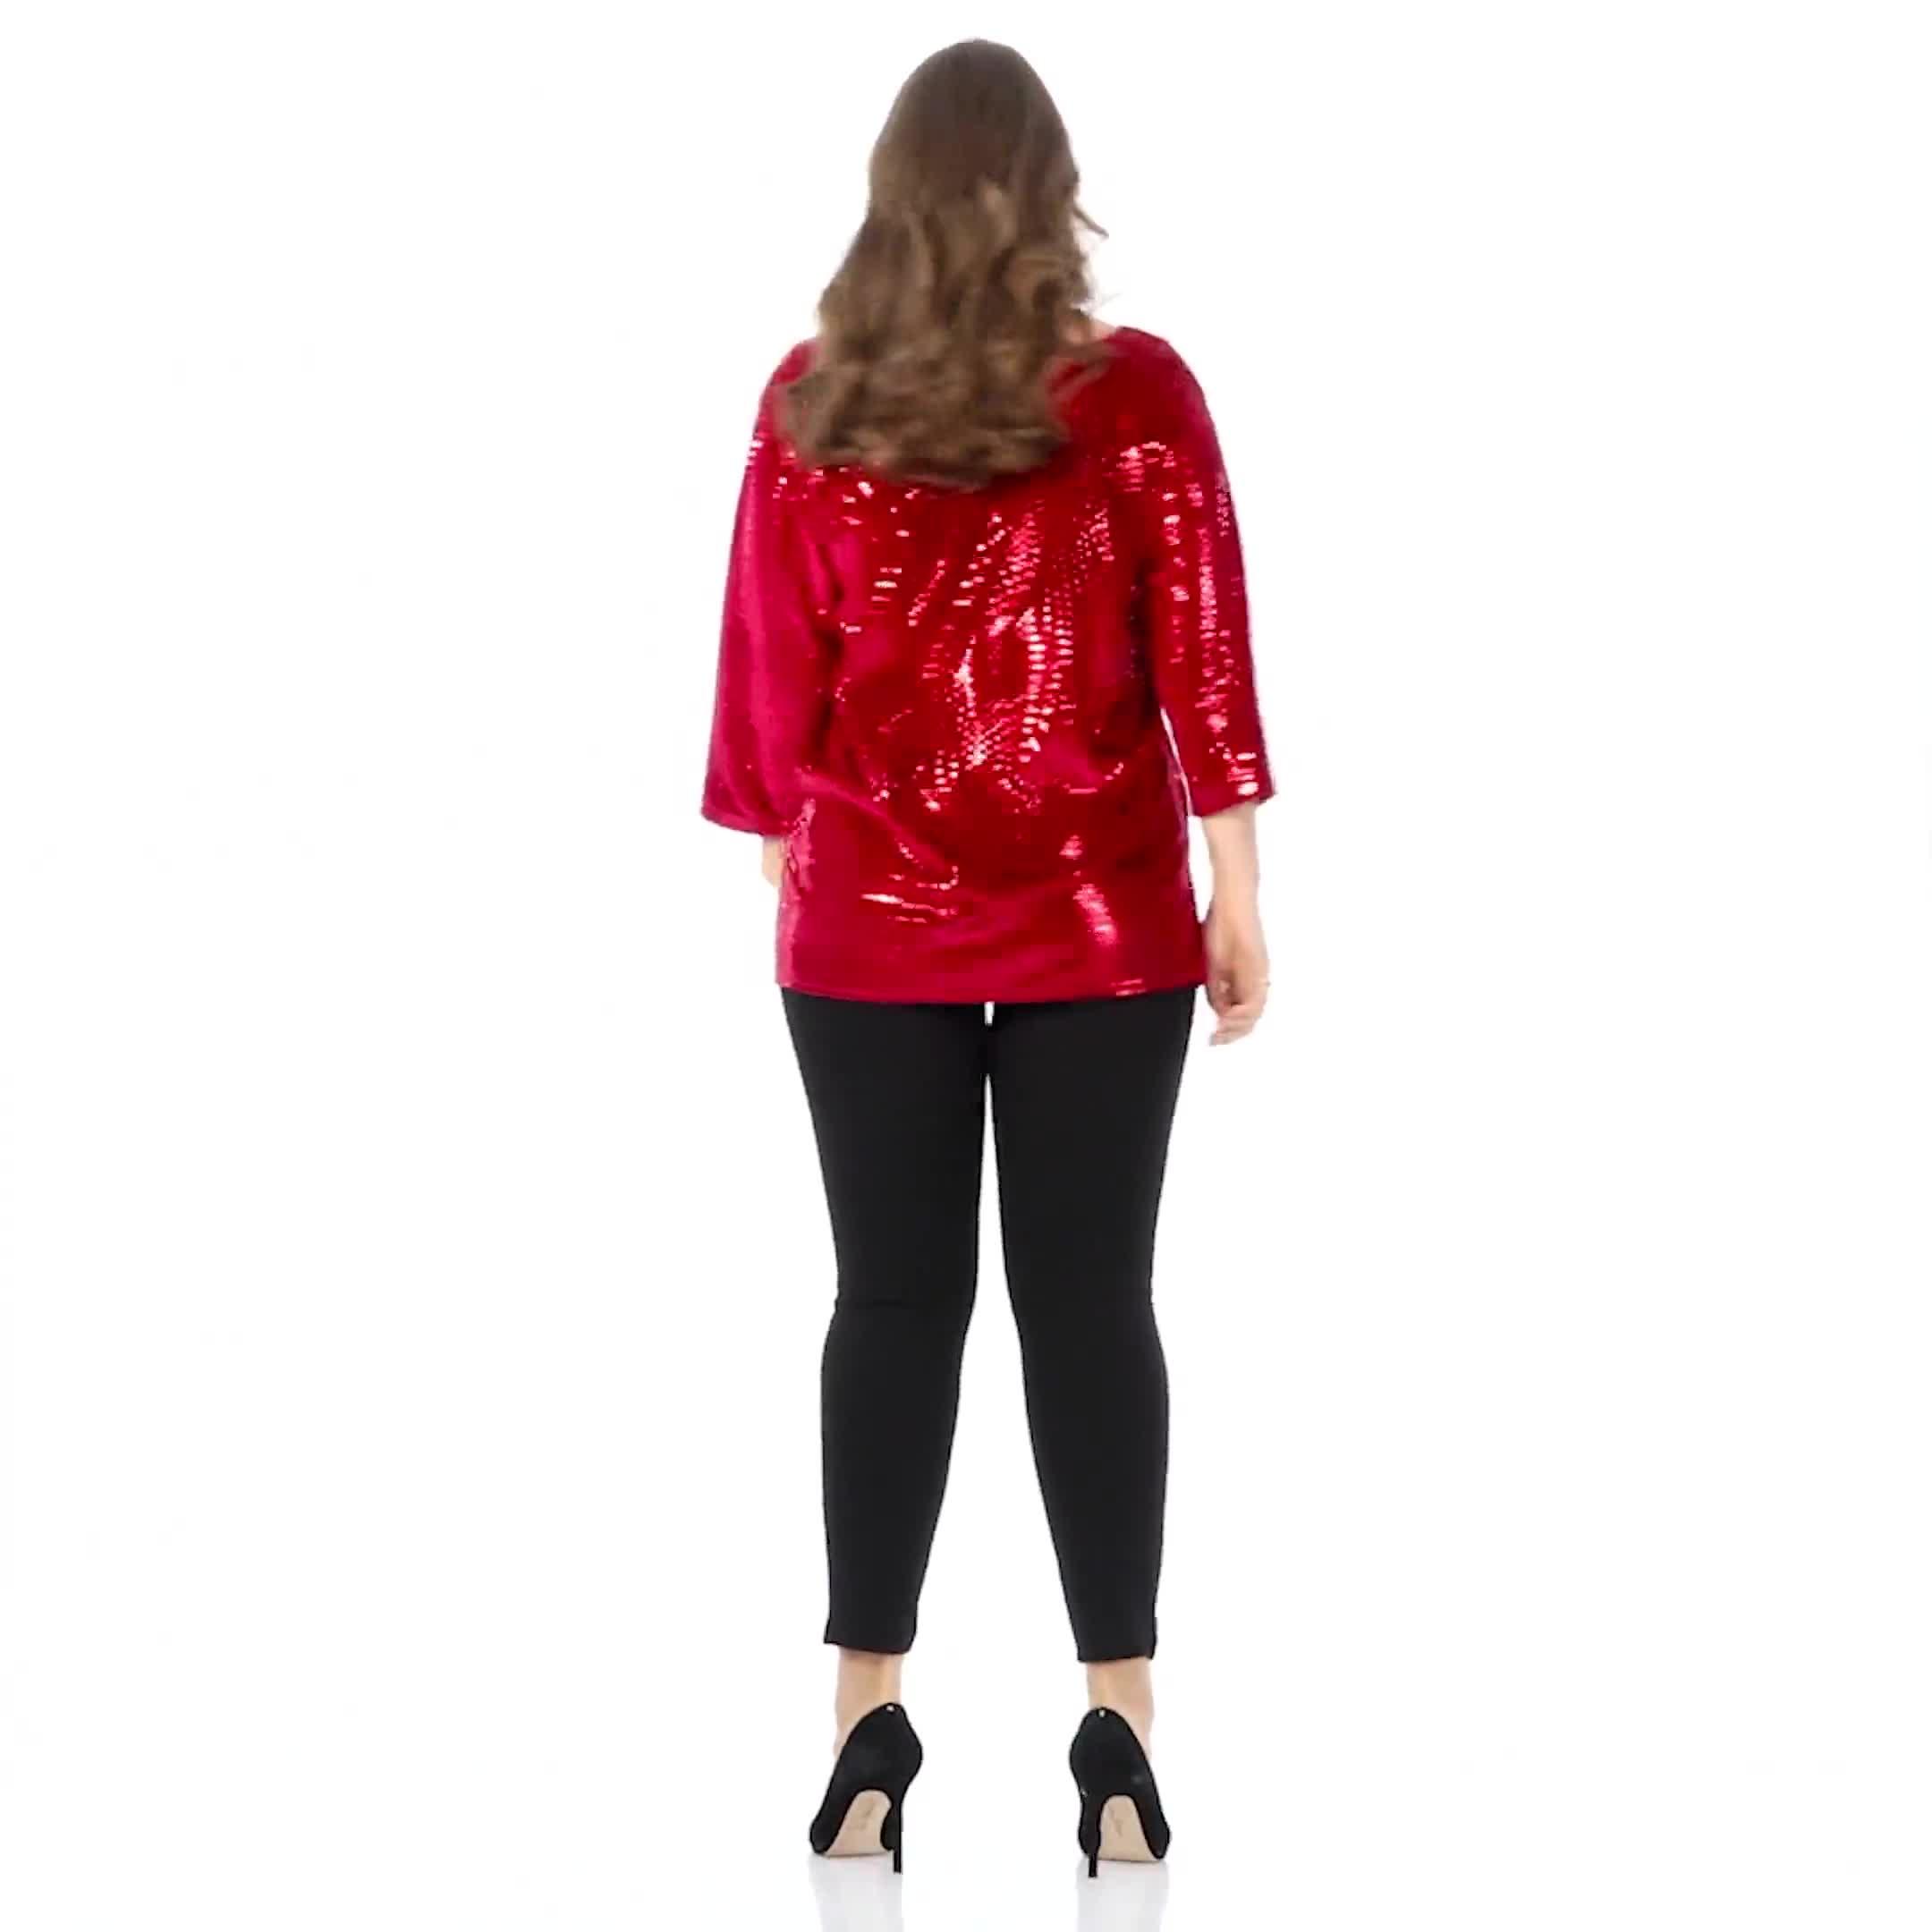 Roz & Ali Velvet Shimmer Dot Tunic Knit Top - Plus - Video